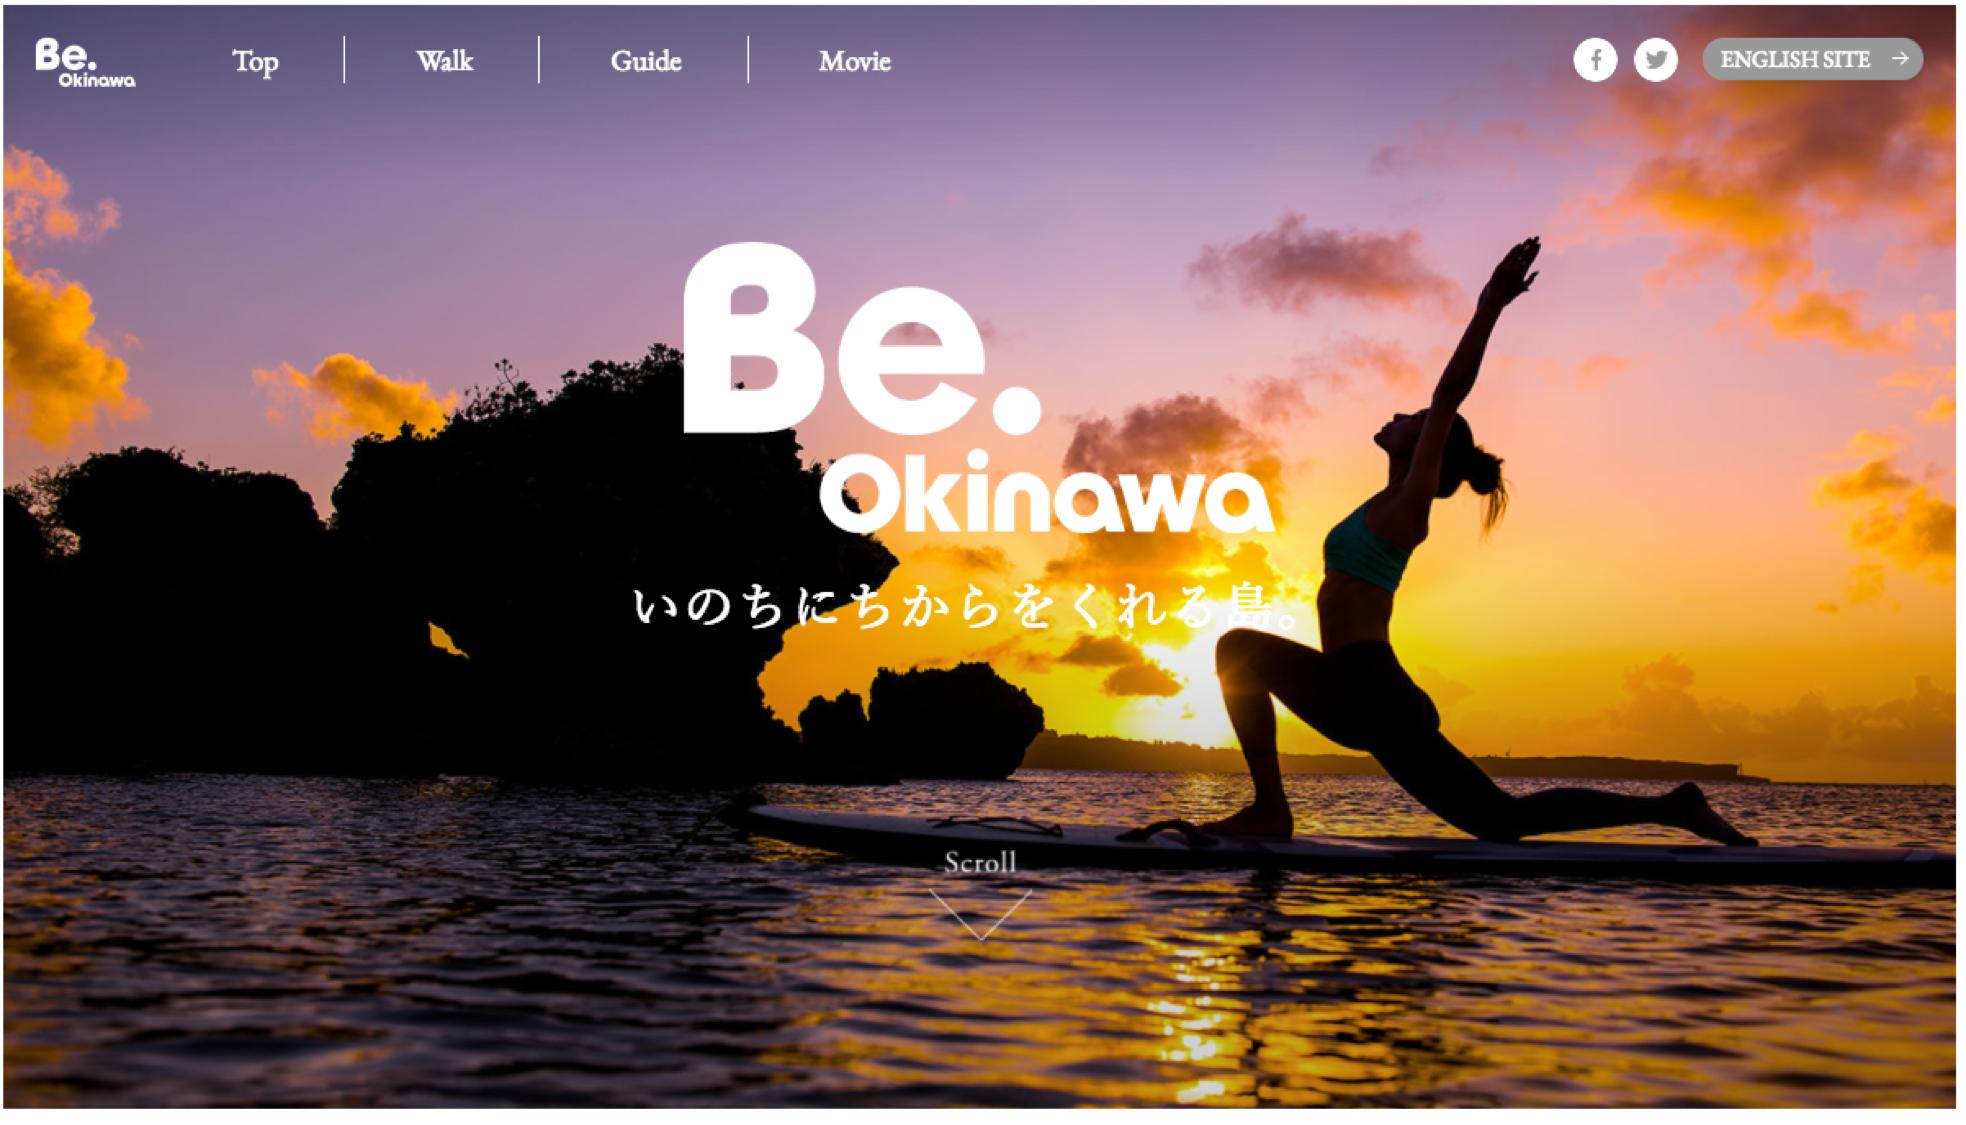 沖縄県ブランドサイト『Be. Okinawa』